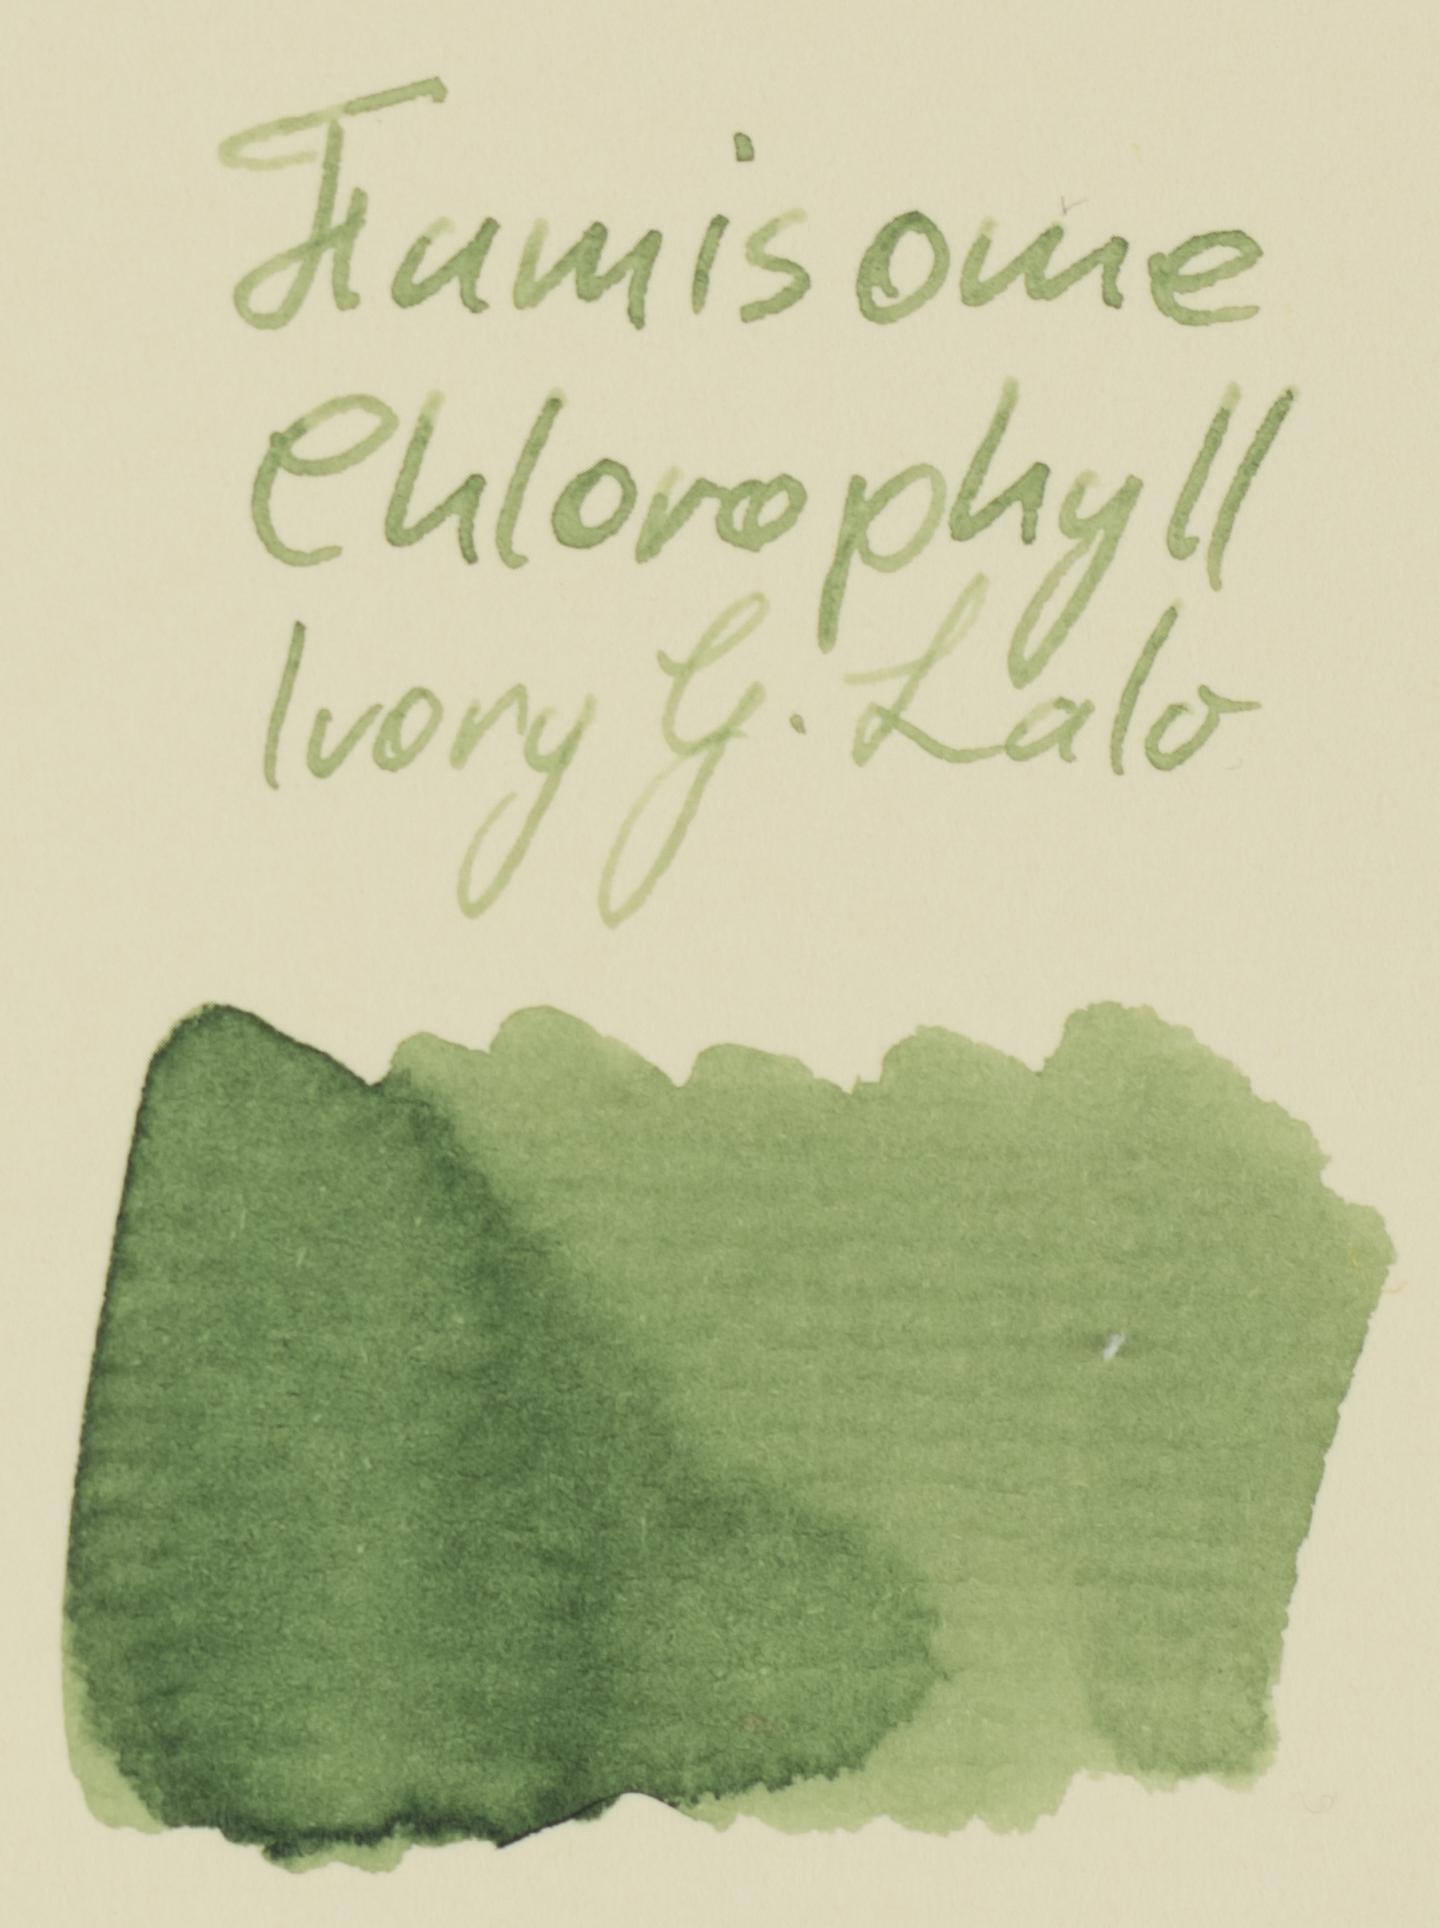 Ivory G. Lalo